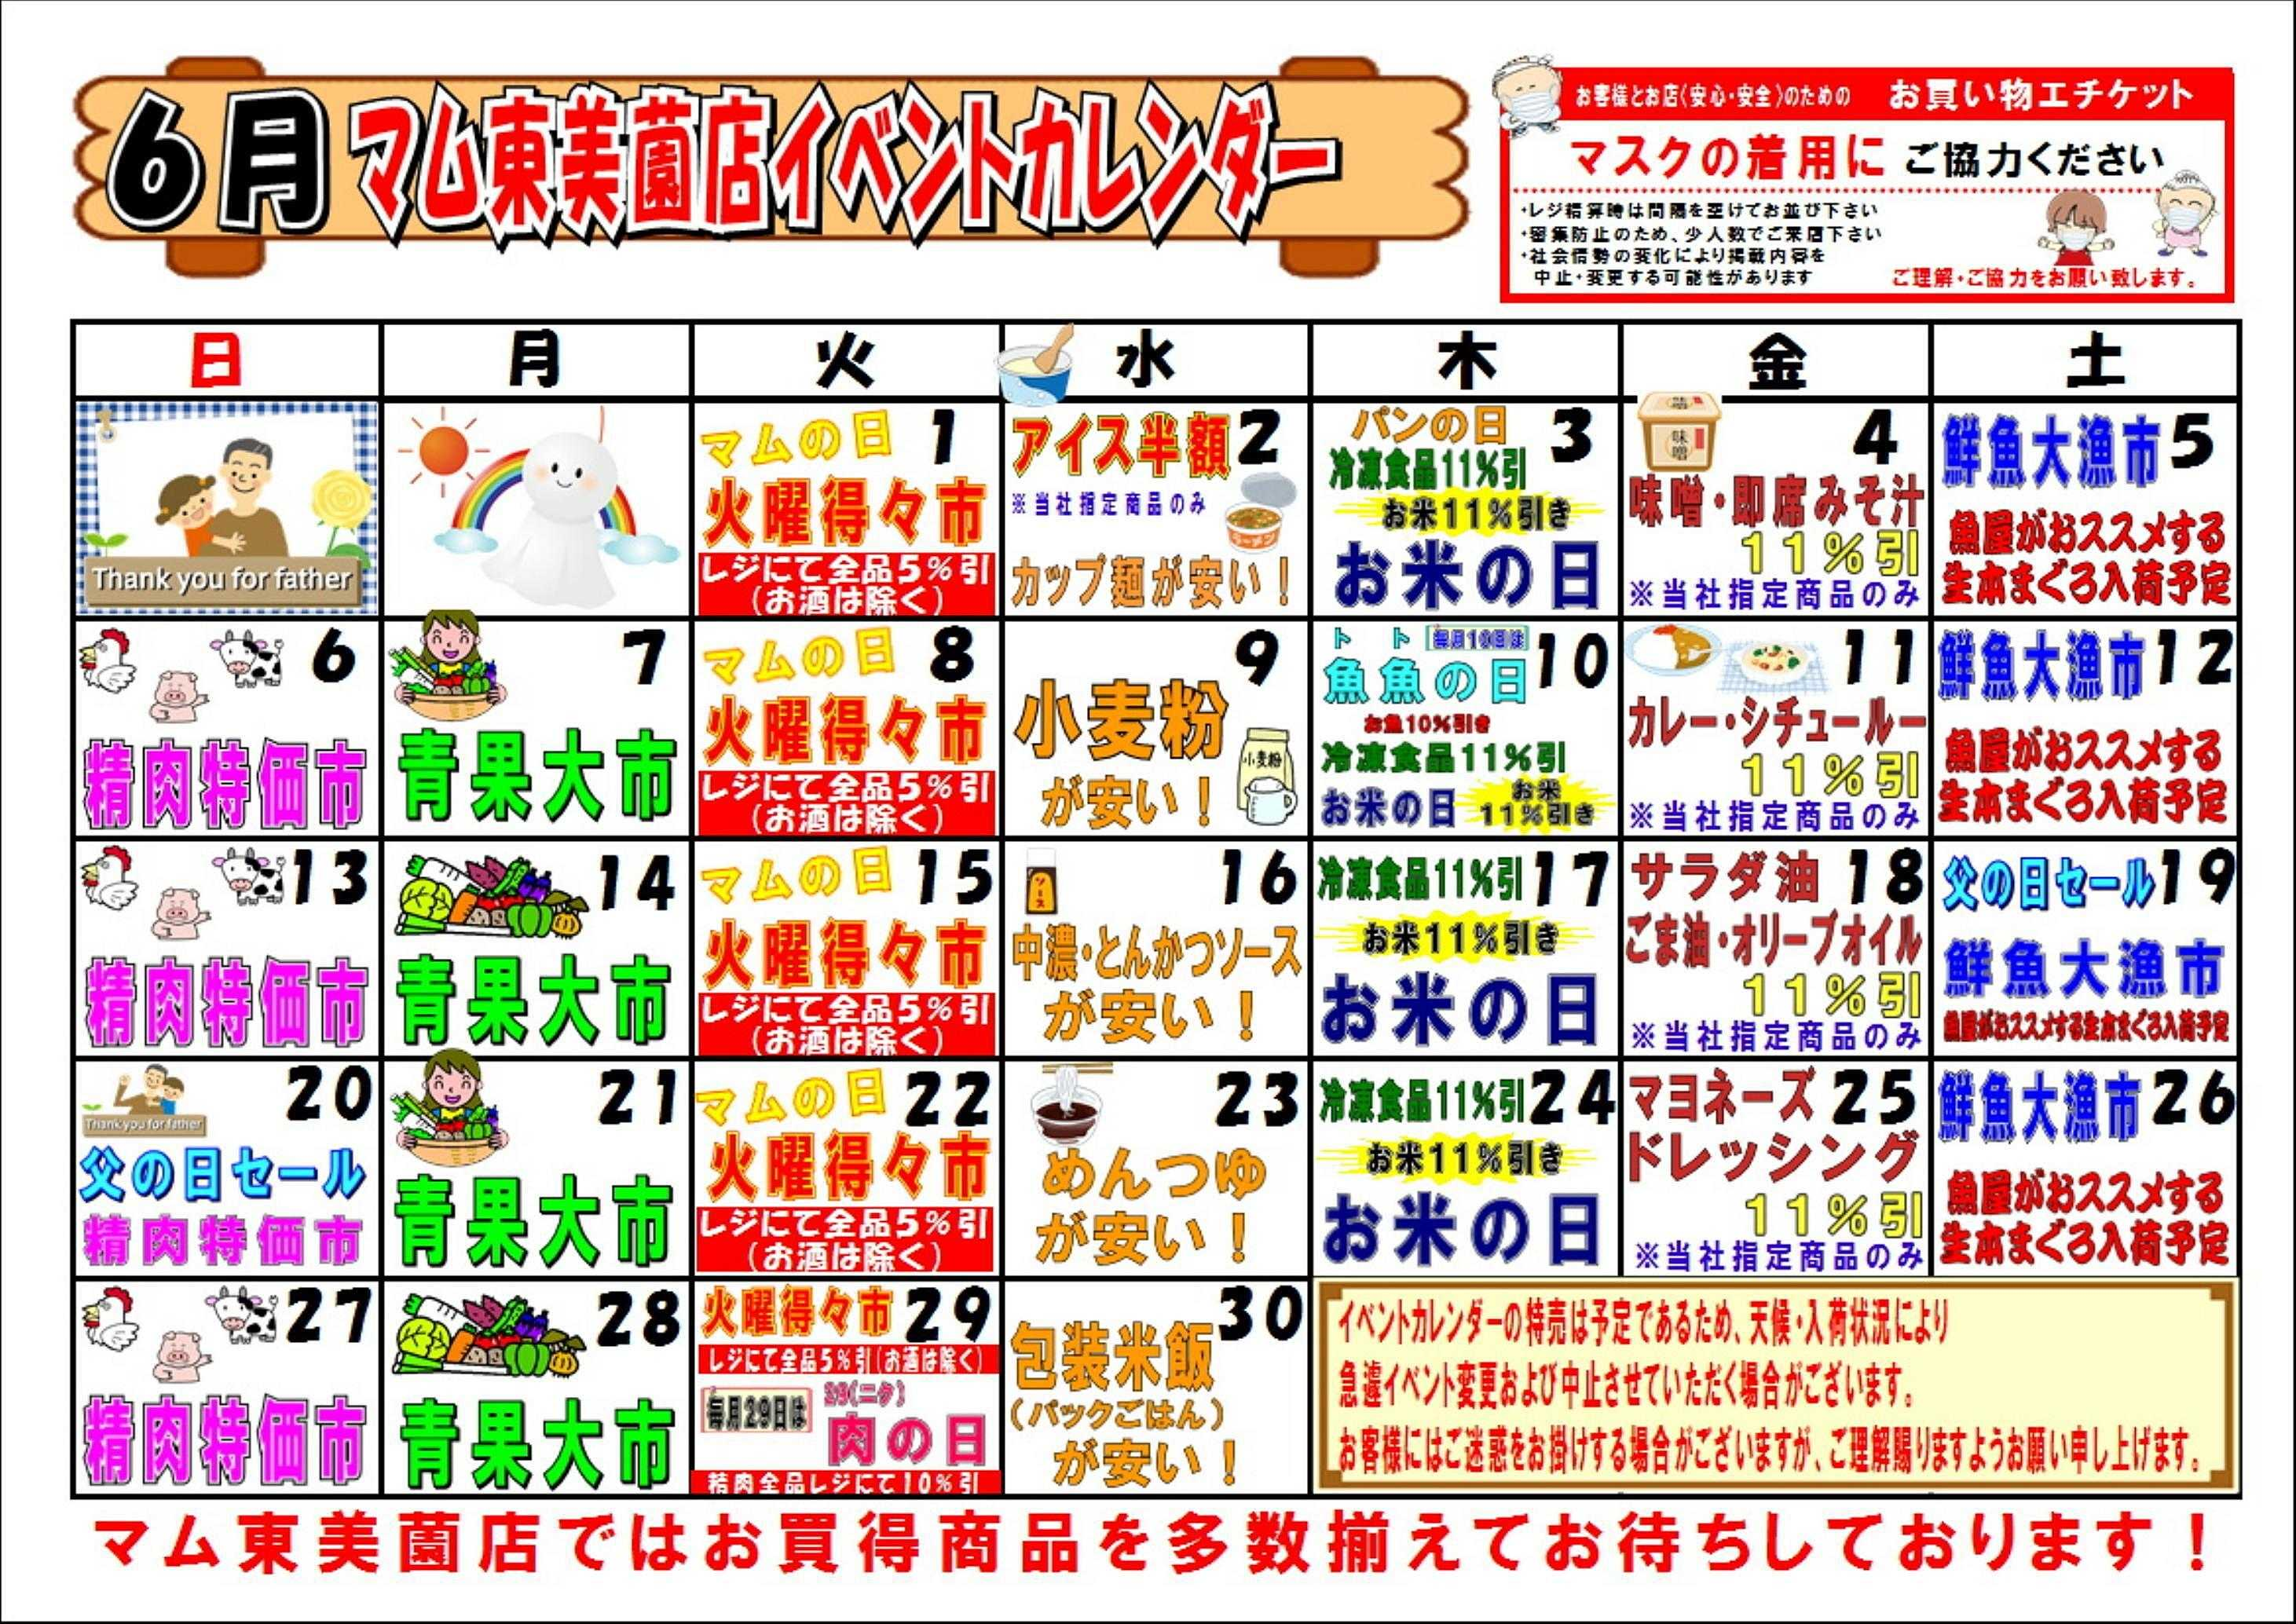 フードマーケット マム 東美園 イベントカレンダー